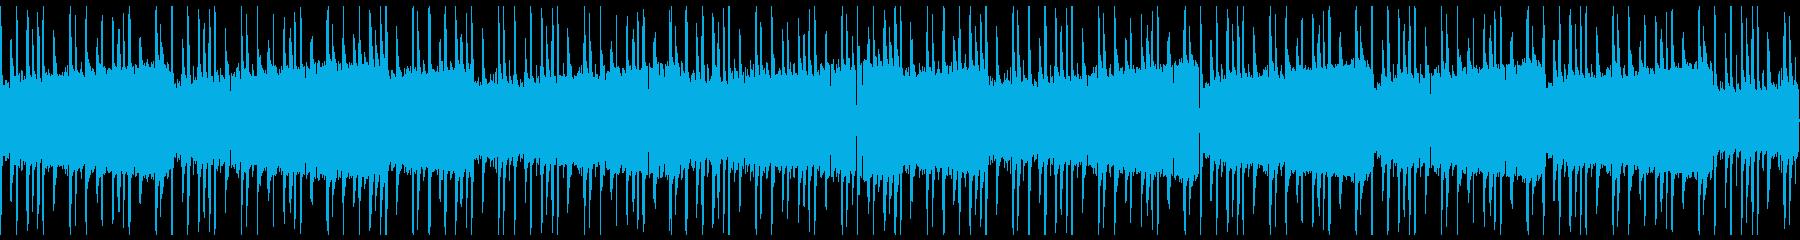 エレクトロポップ研究所夢のようなロ...の再生済みの波形